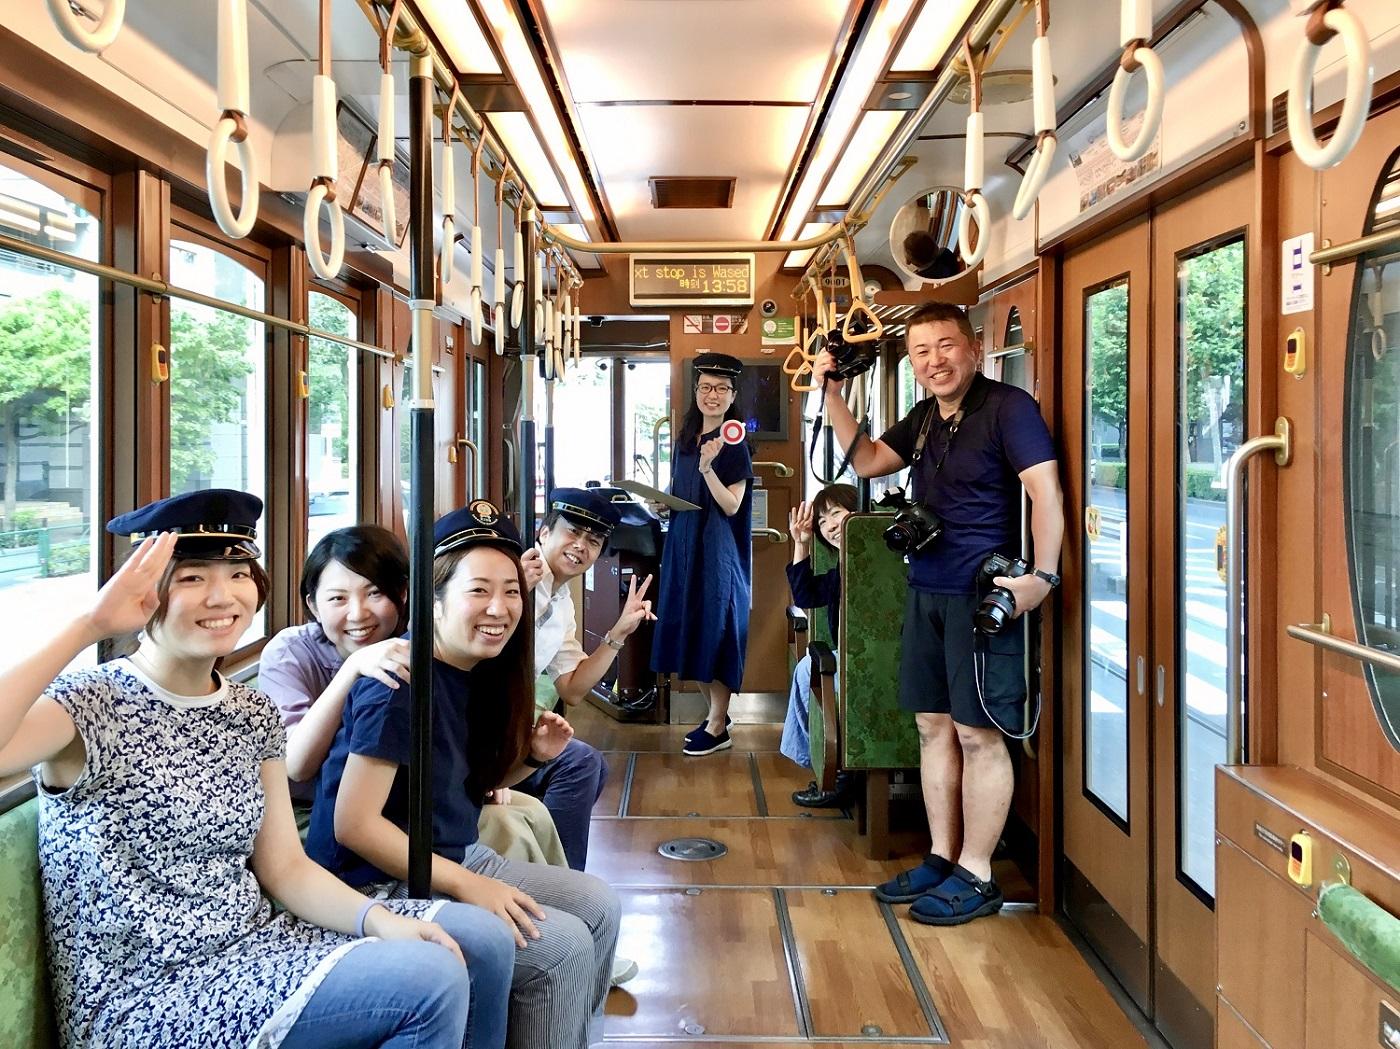 2019年10月号特集「LOVE鉄道!」の企画で都電を貸し切り!